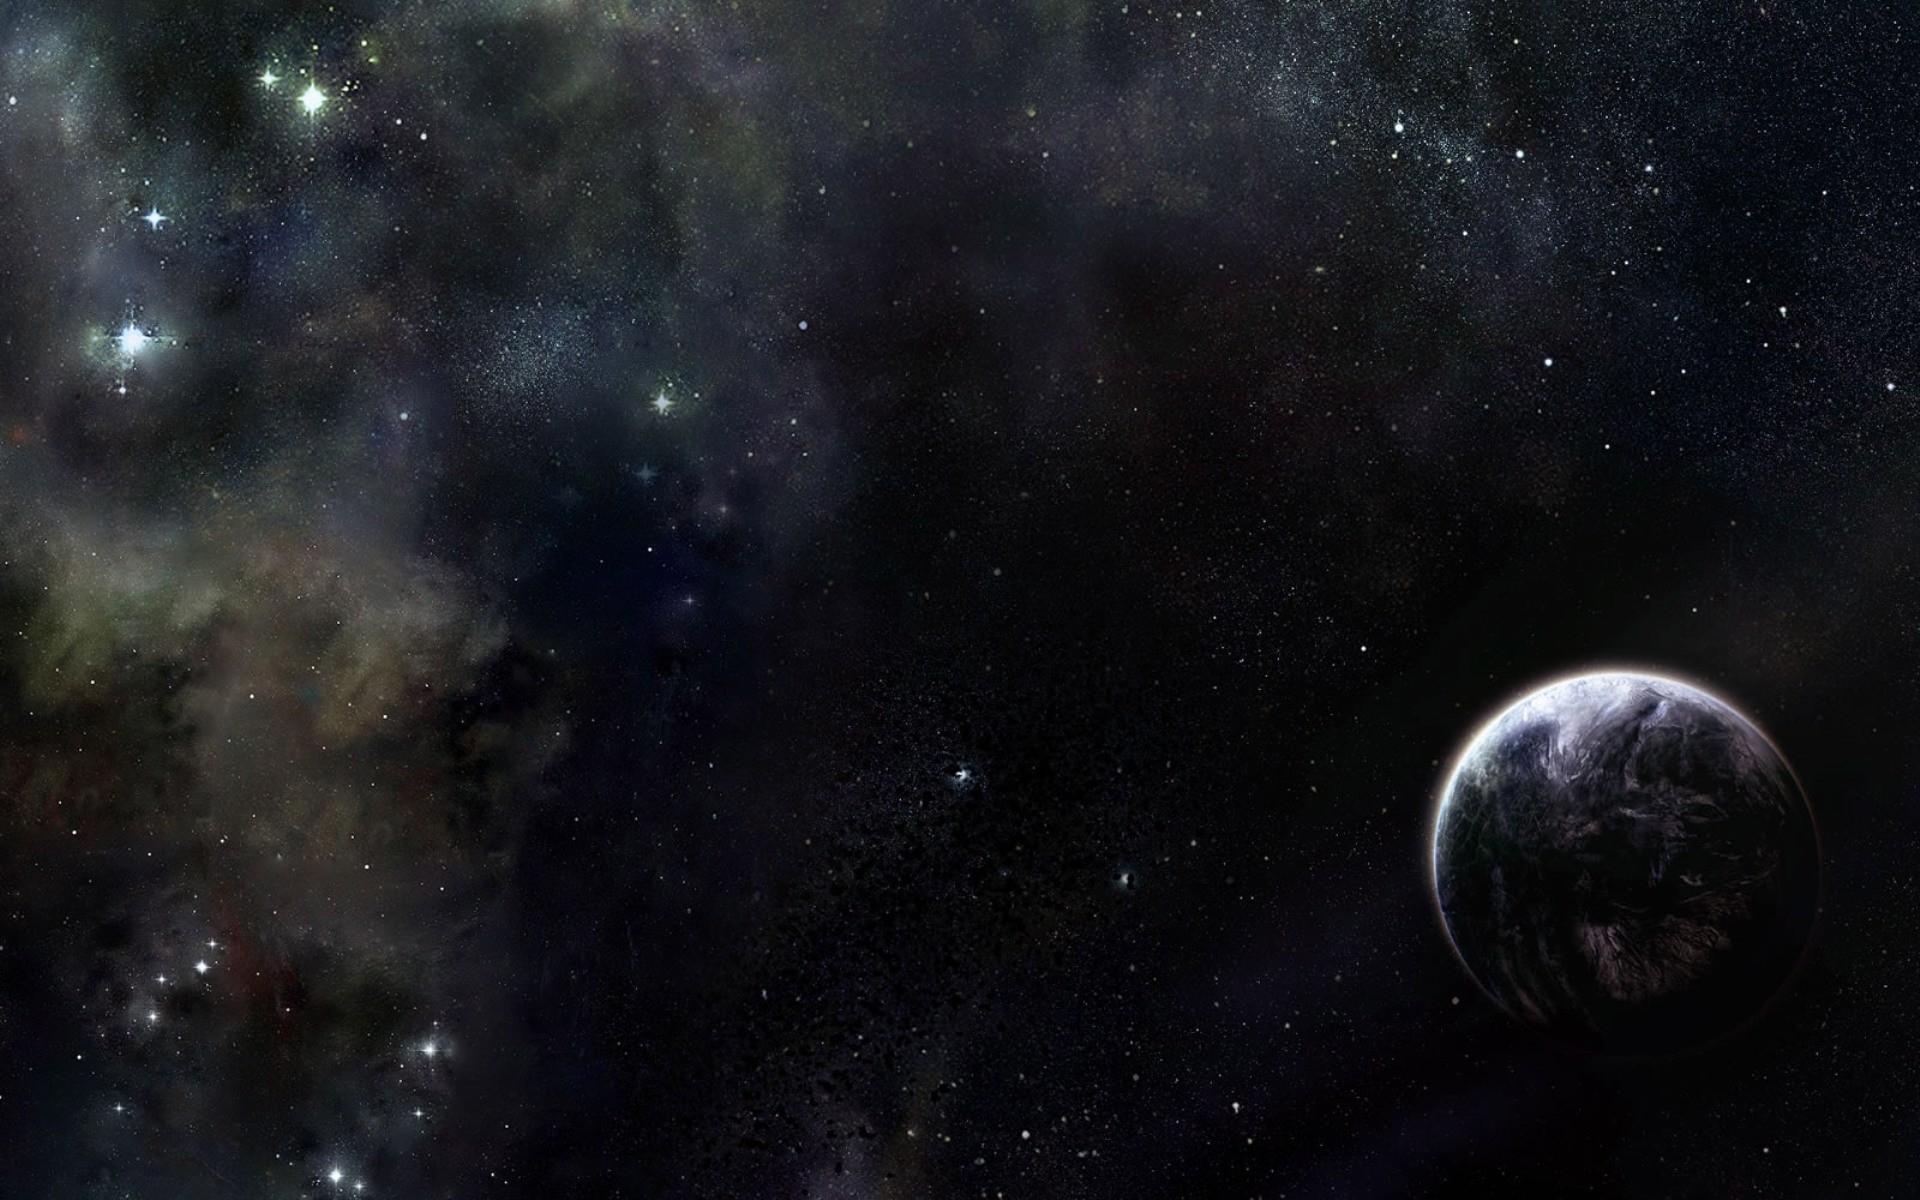 Dark Space Wallpaper: Dark Space Background (64+ Pictures